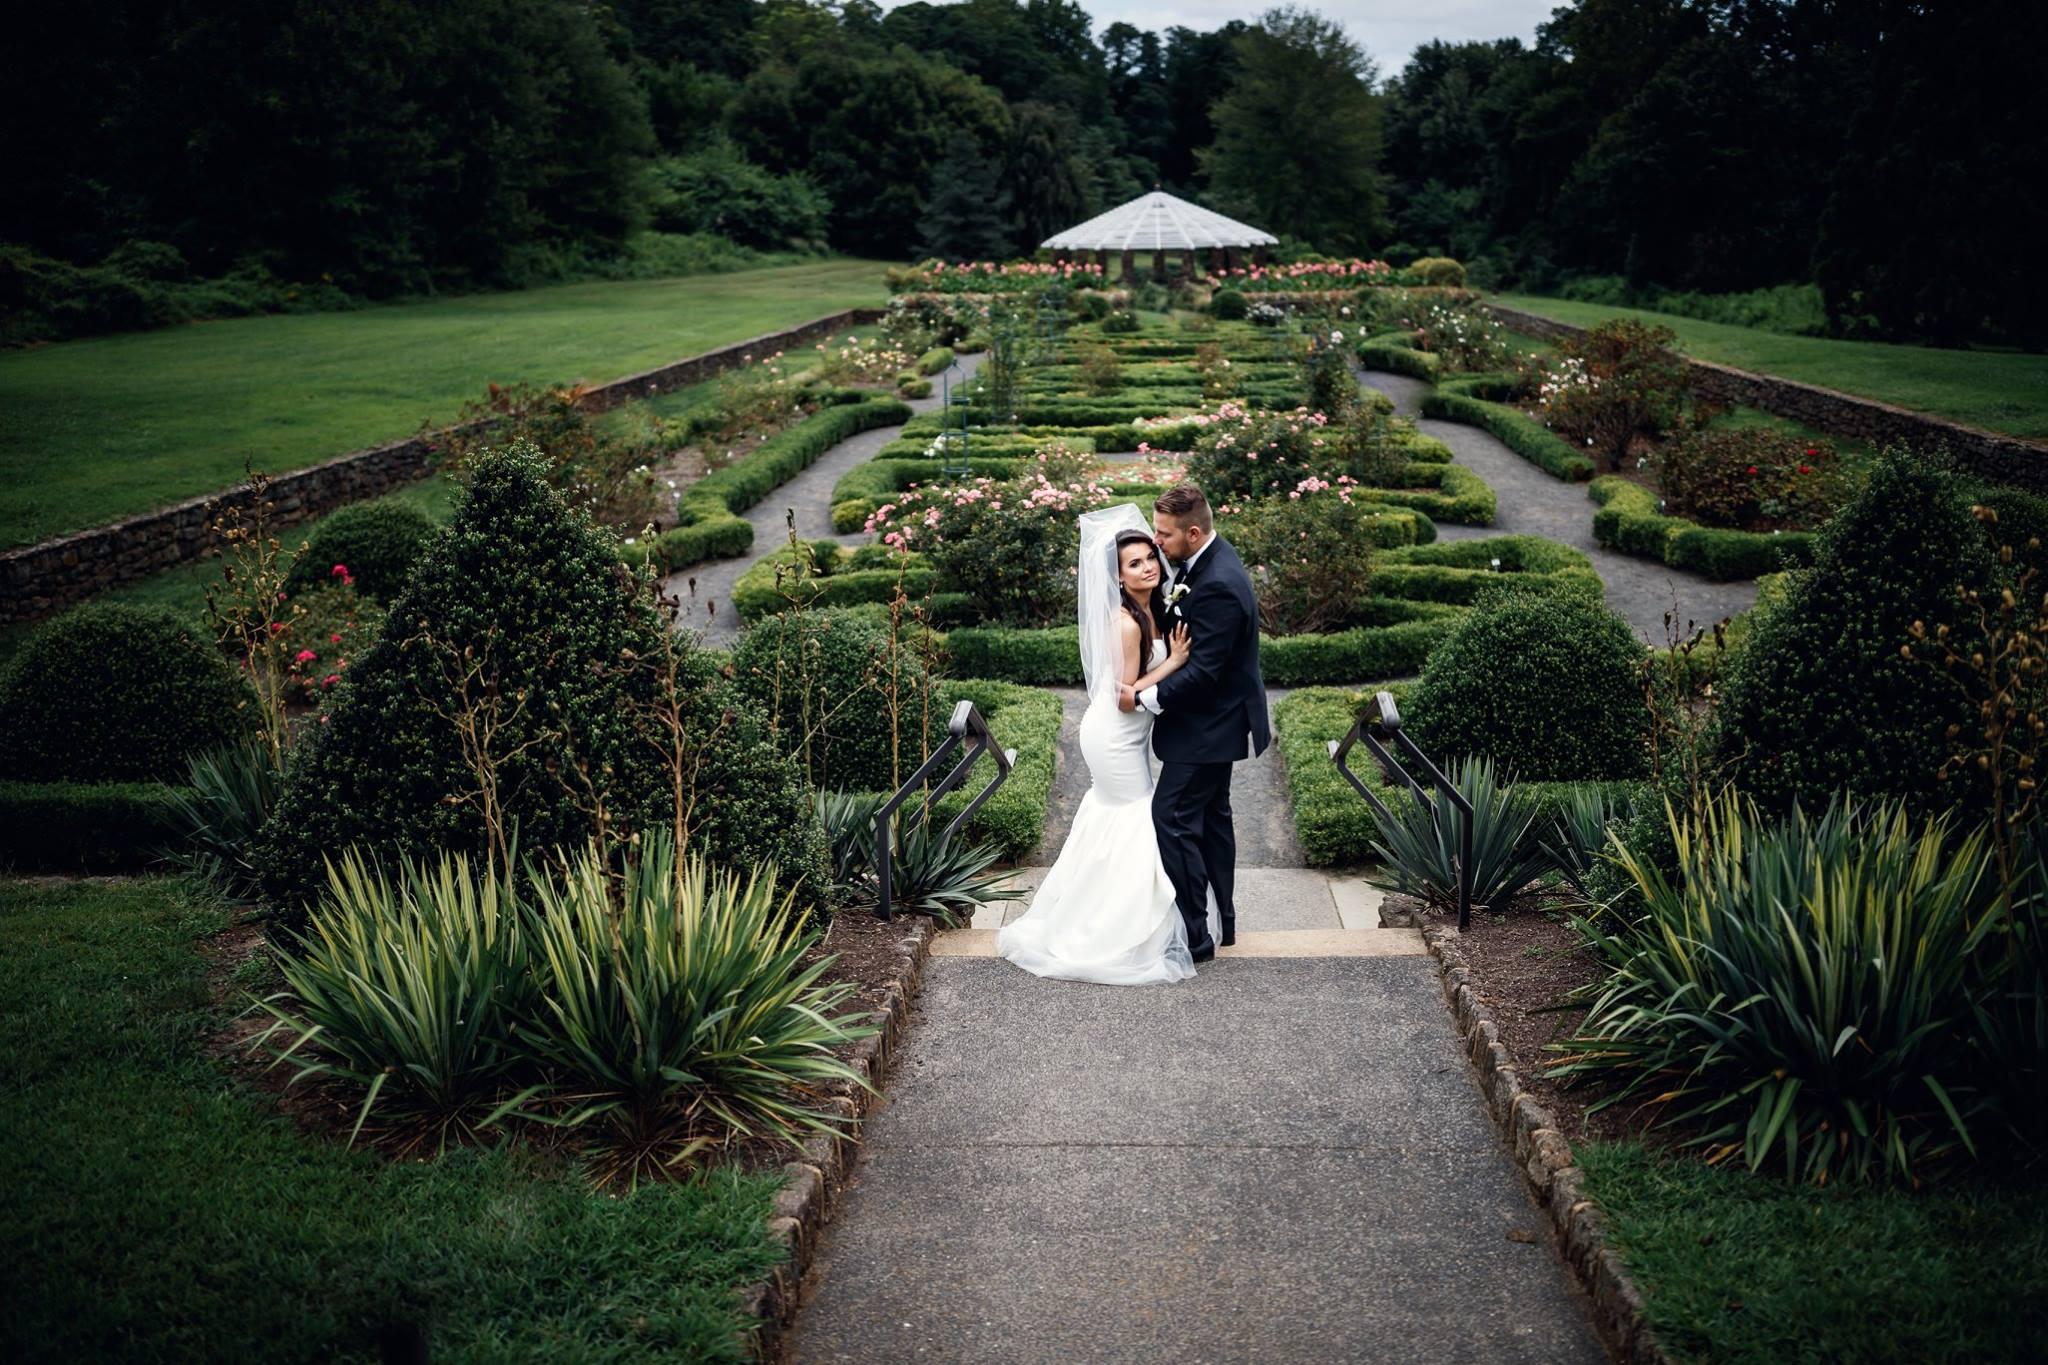 zajac photography wedding 23